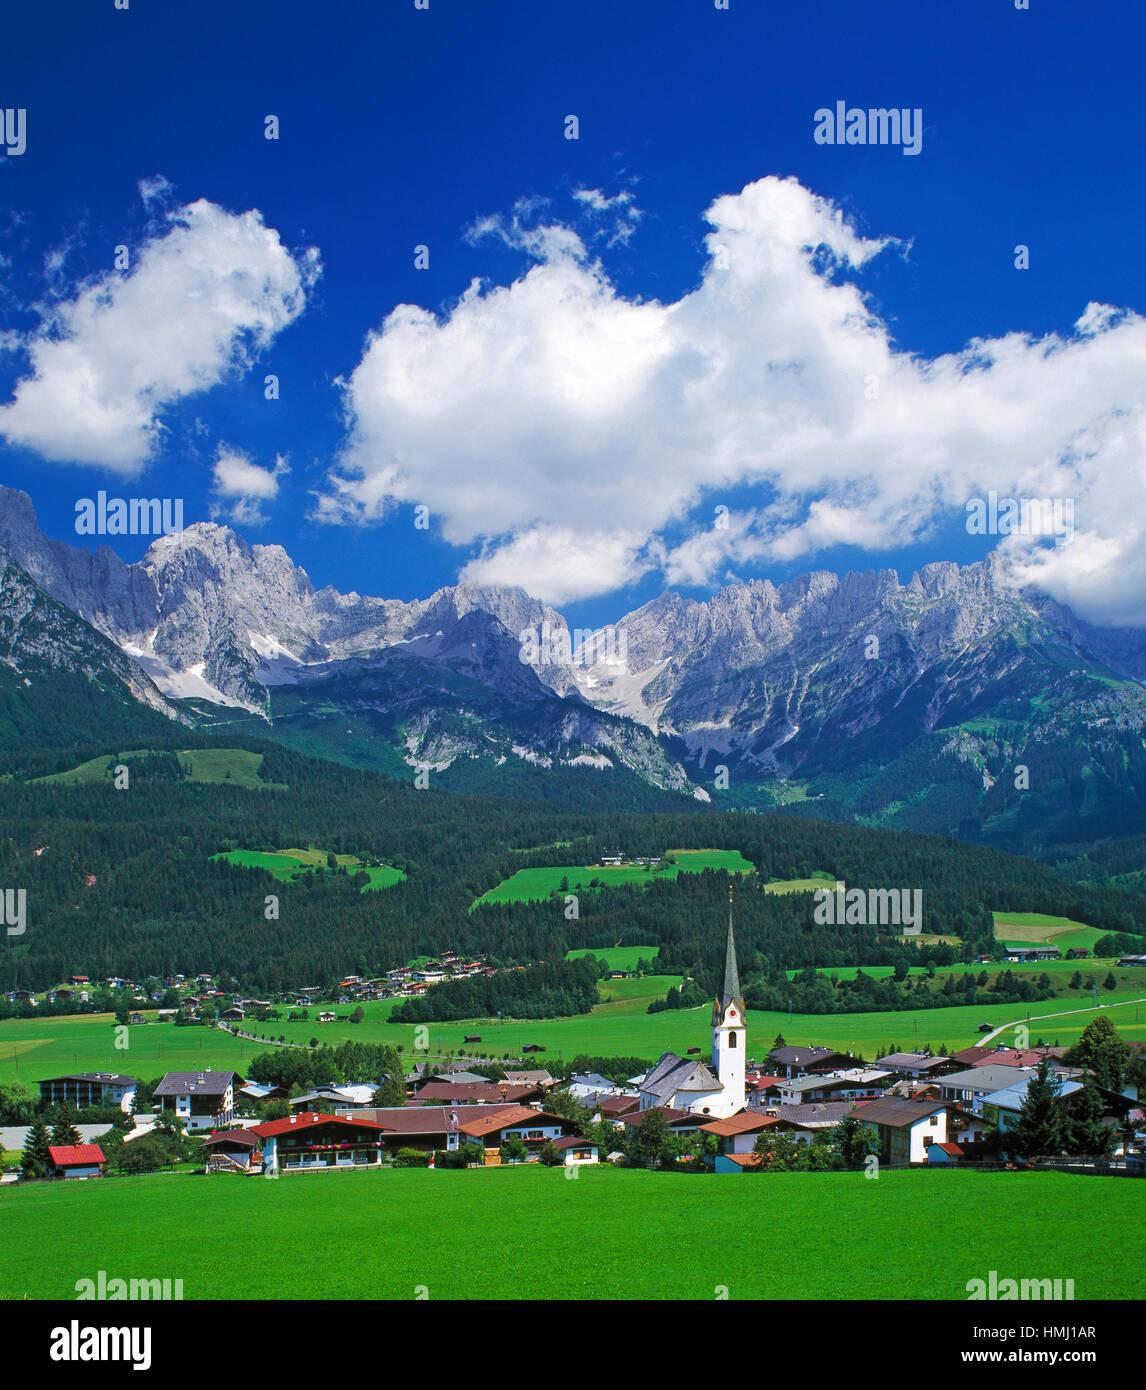 Ellmau village and the Wilhelm Kaiser mountains, Tirol, Austria - Stock Image